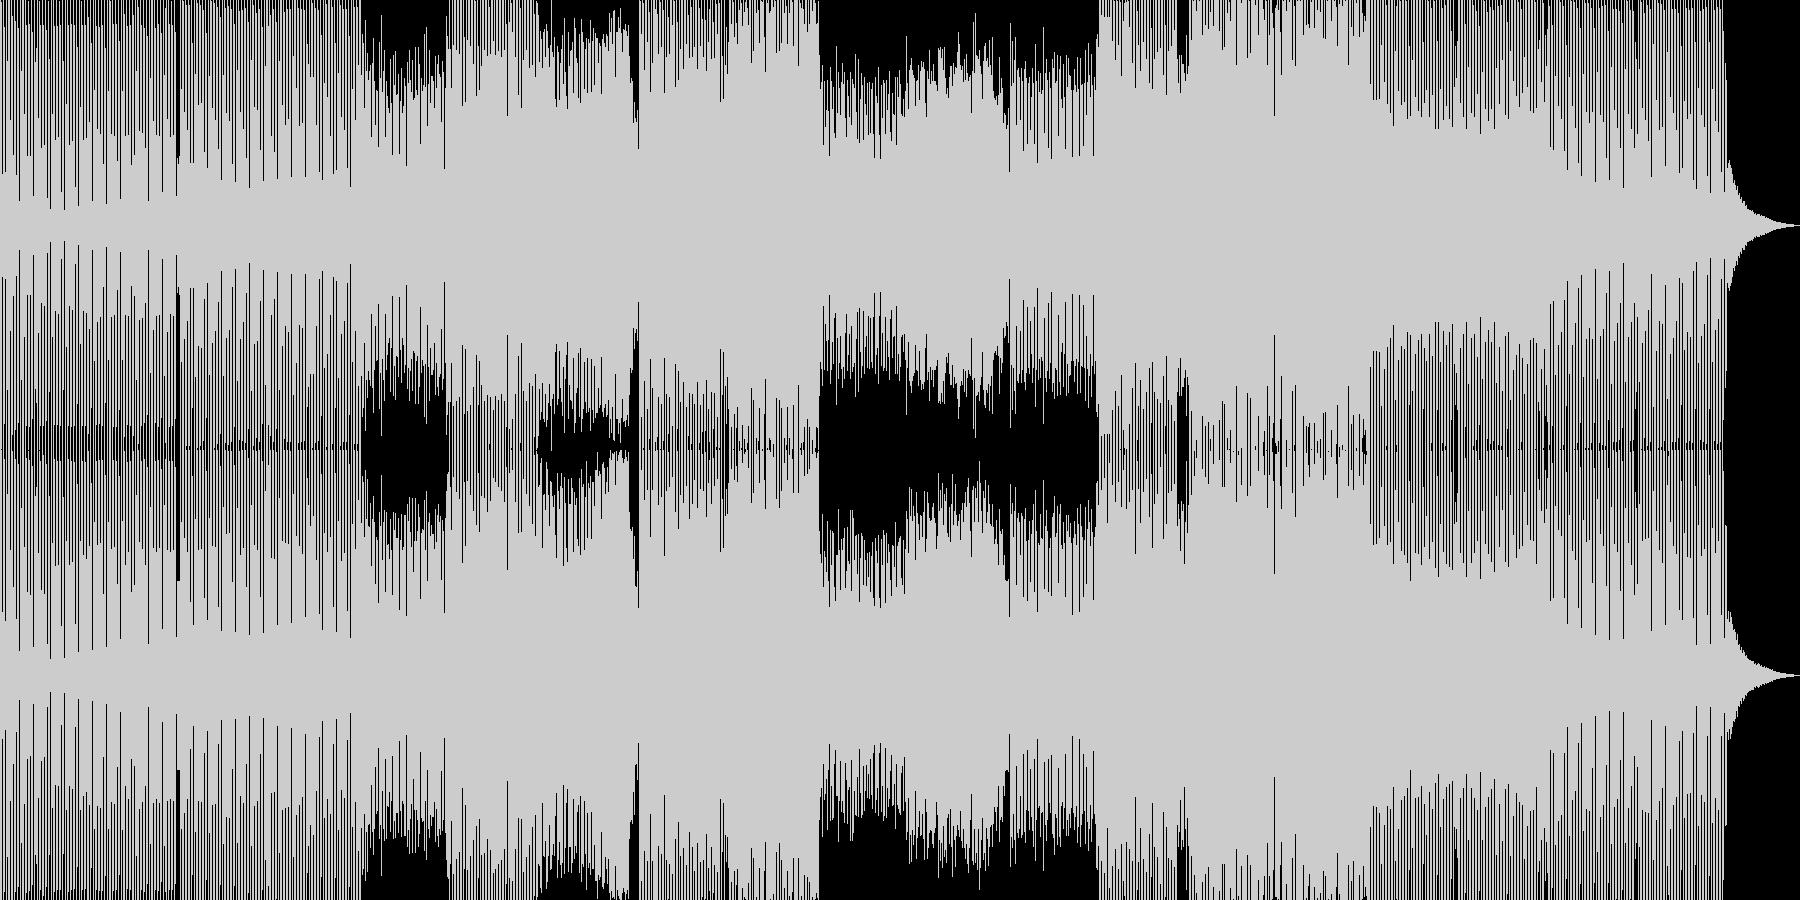 エレクトロハウス。電子音。群衆、拍手。の未再生の波形